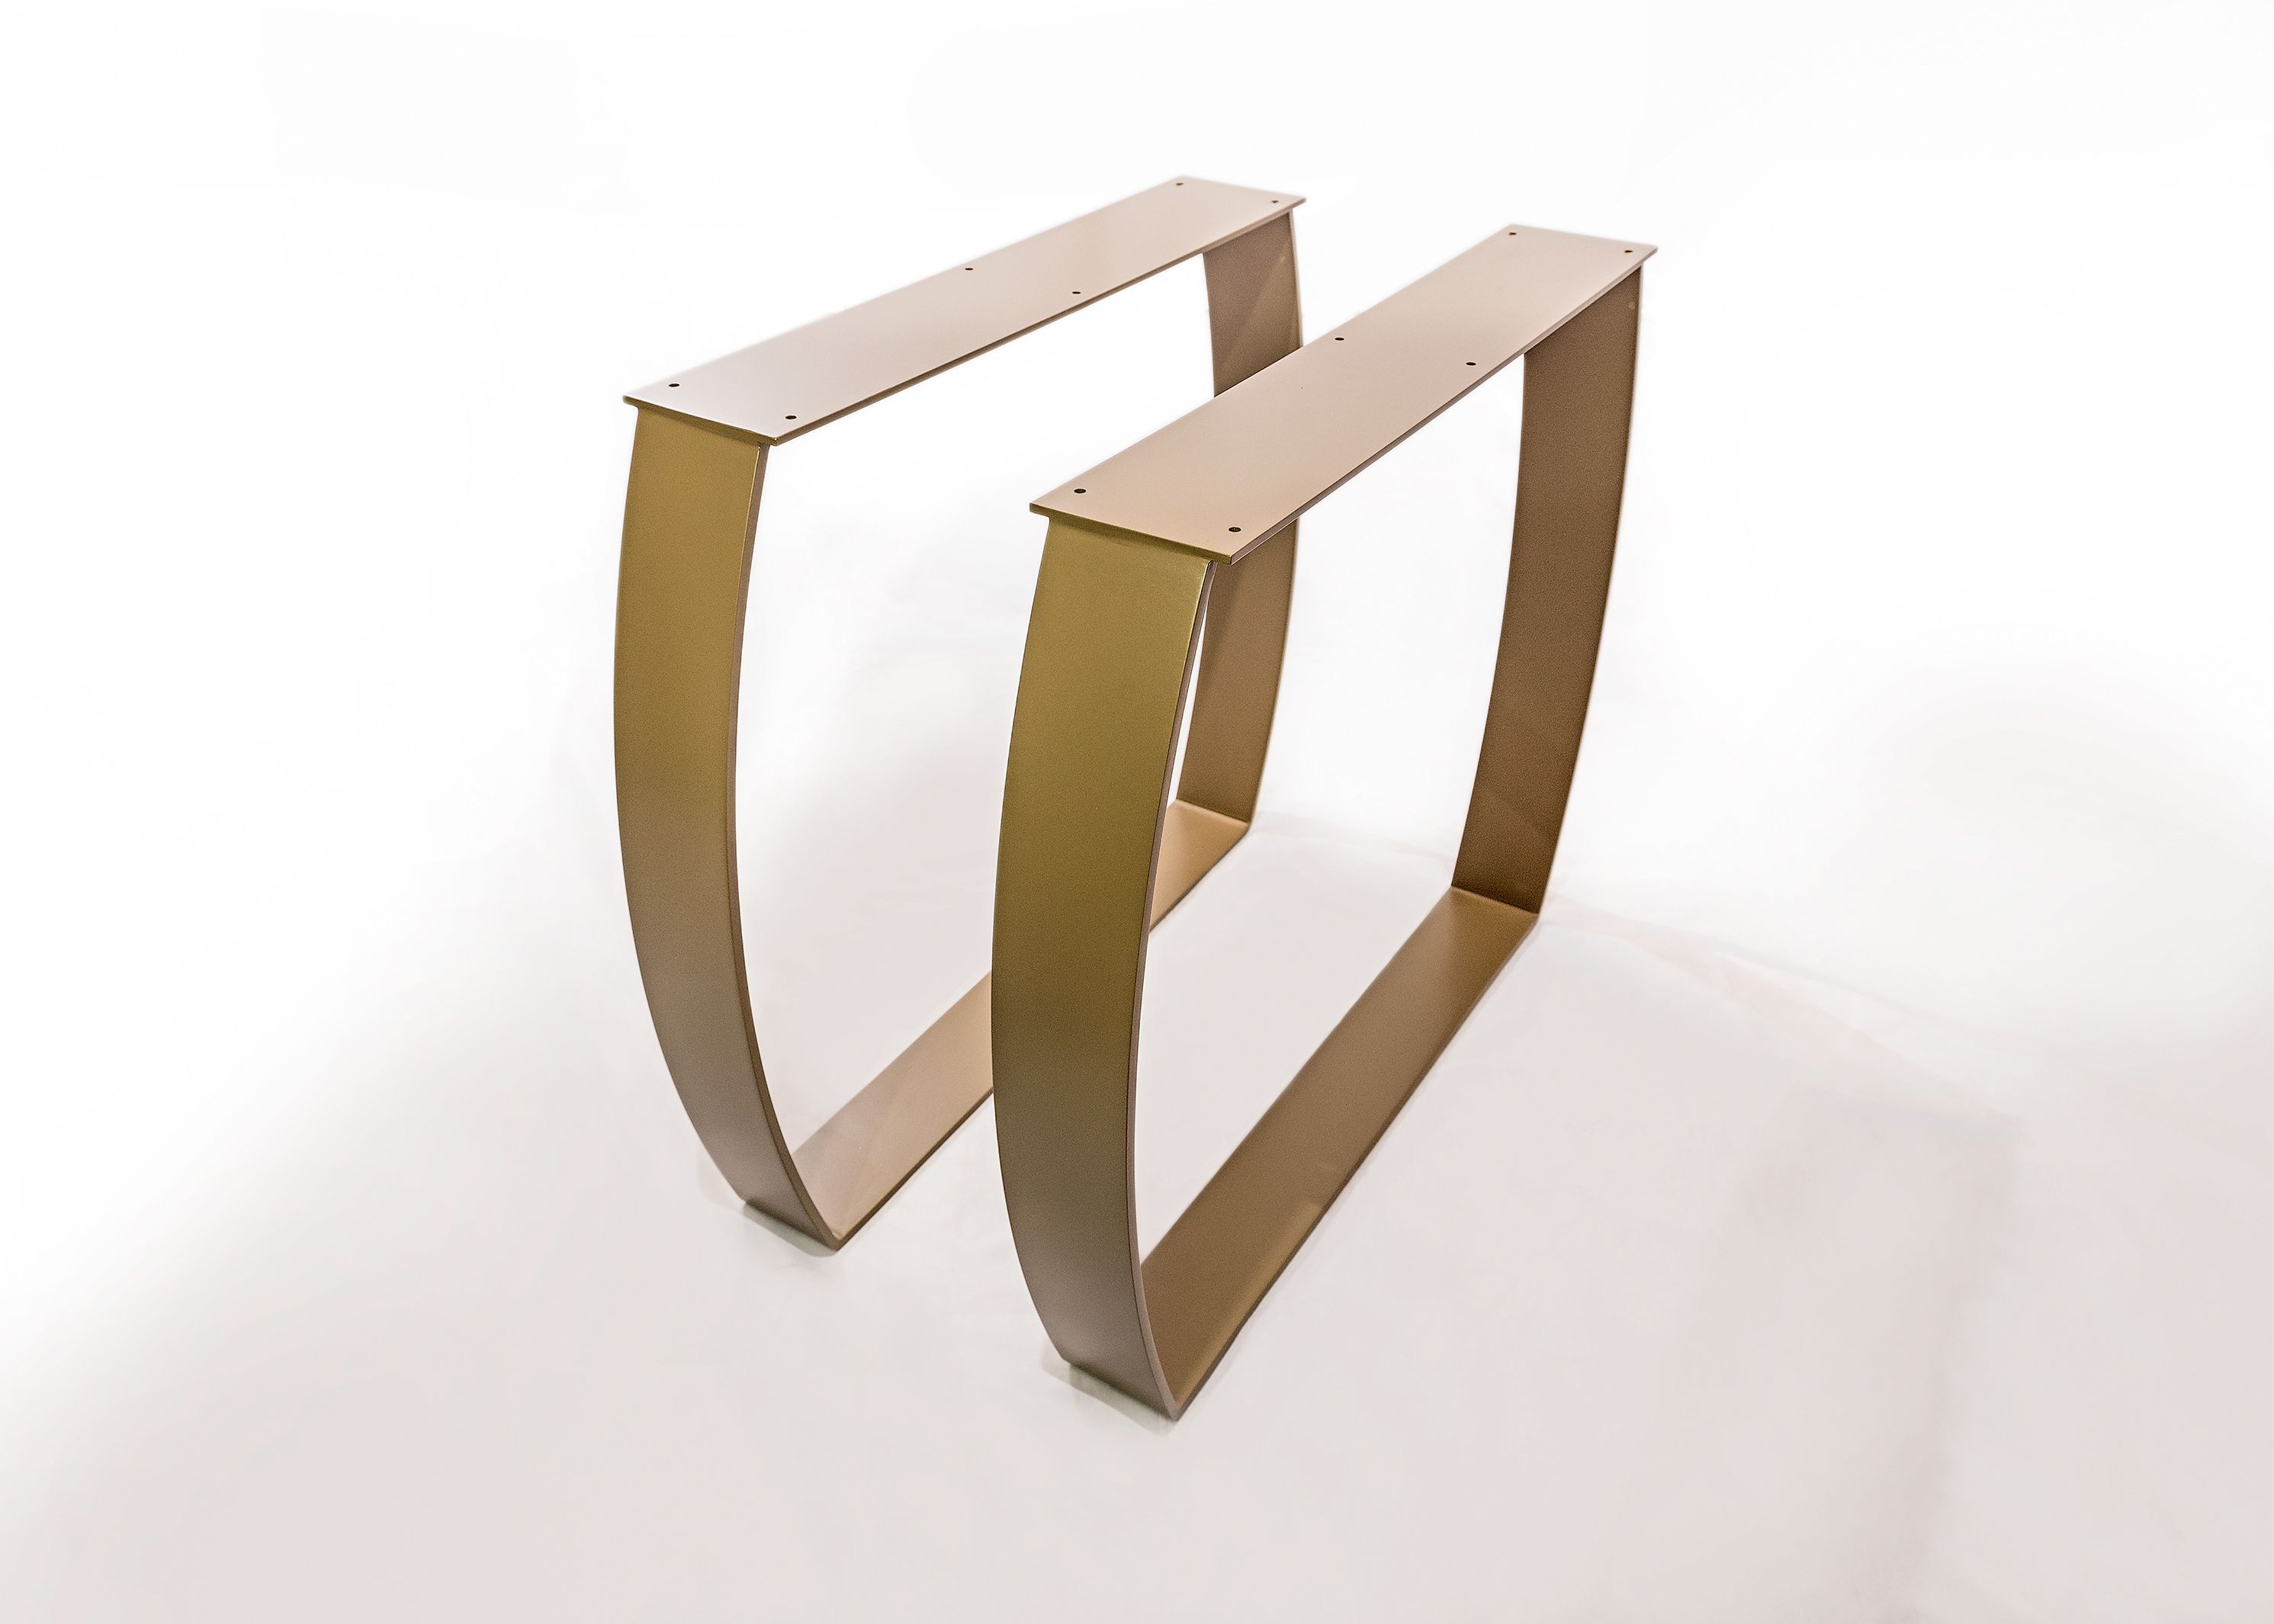 Gambe per tavolo da pranzo verniciate color oro | ArtRulesLab ...